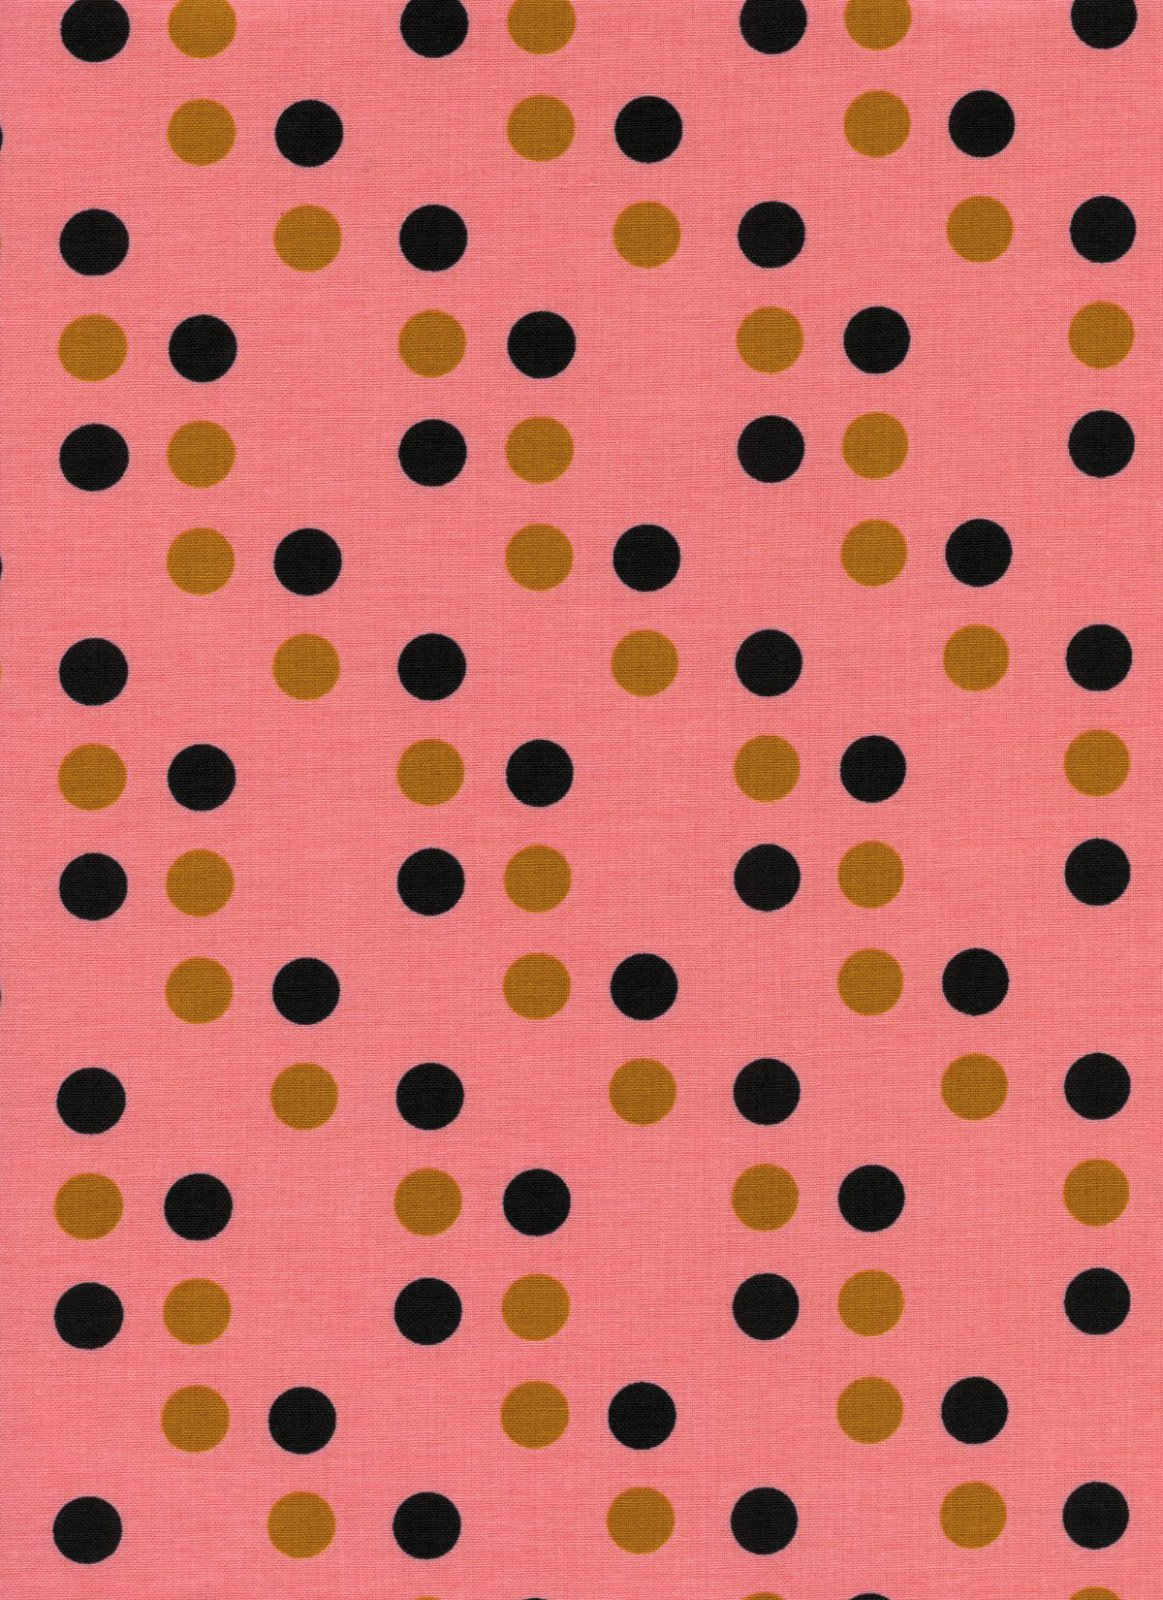 Lucky Strikes - Cotton+Steel Fabrics - K3019-002